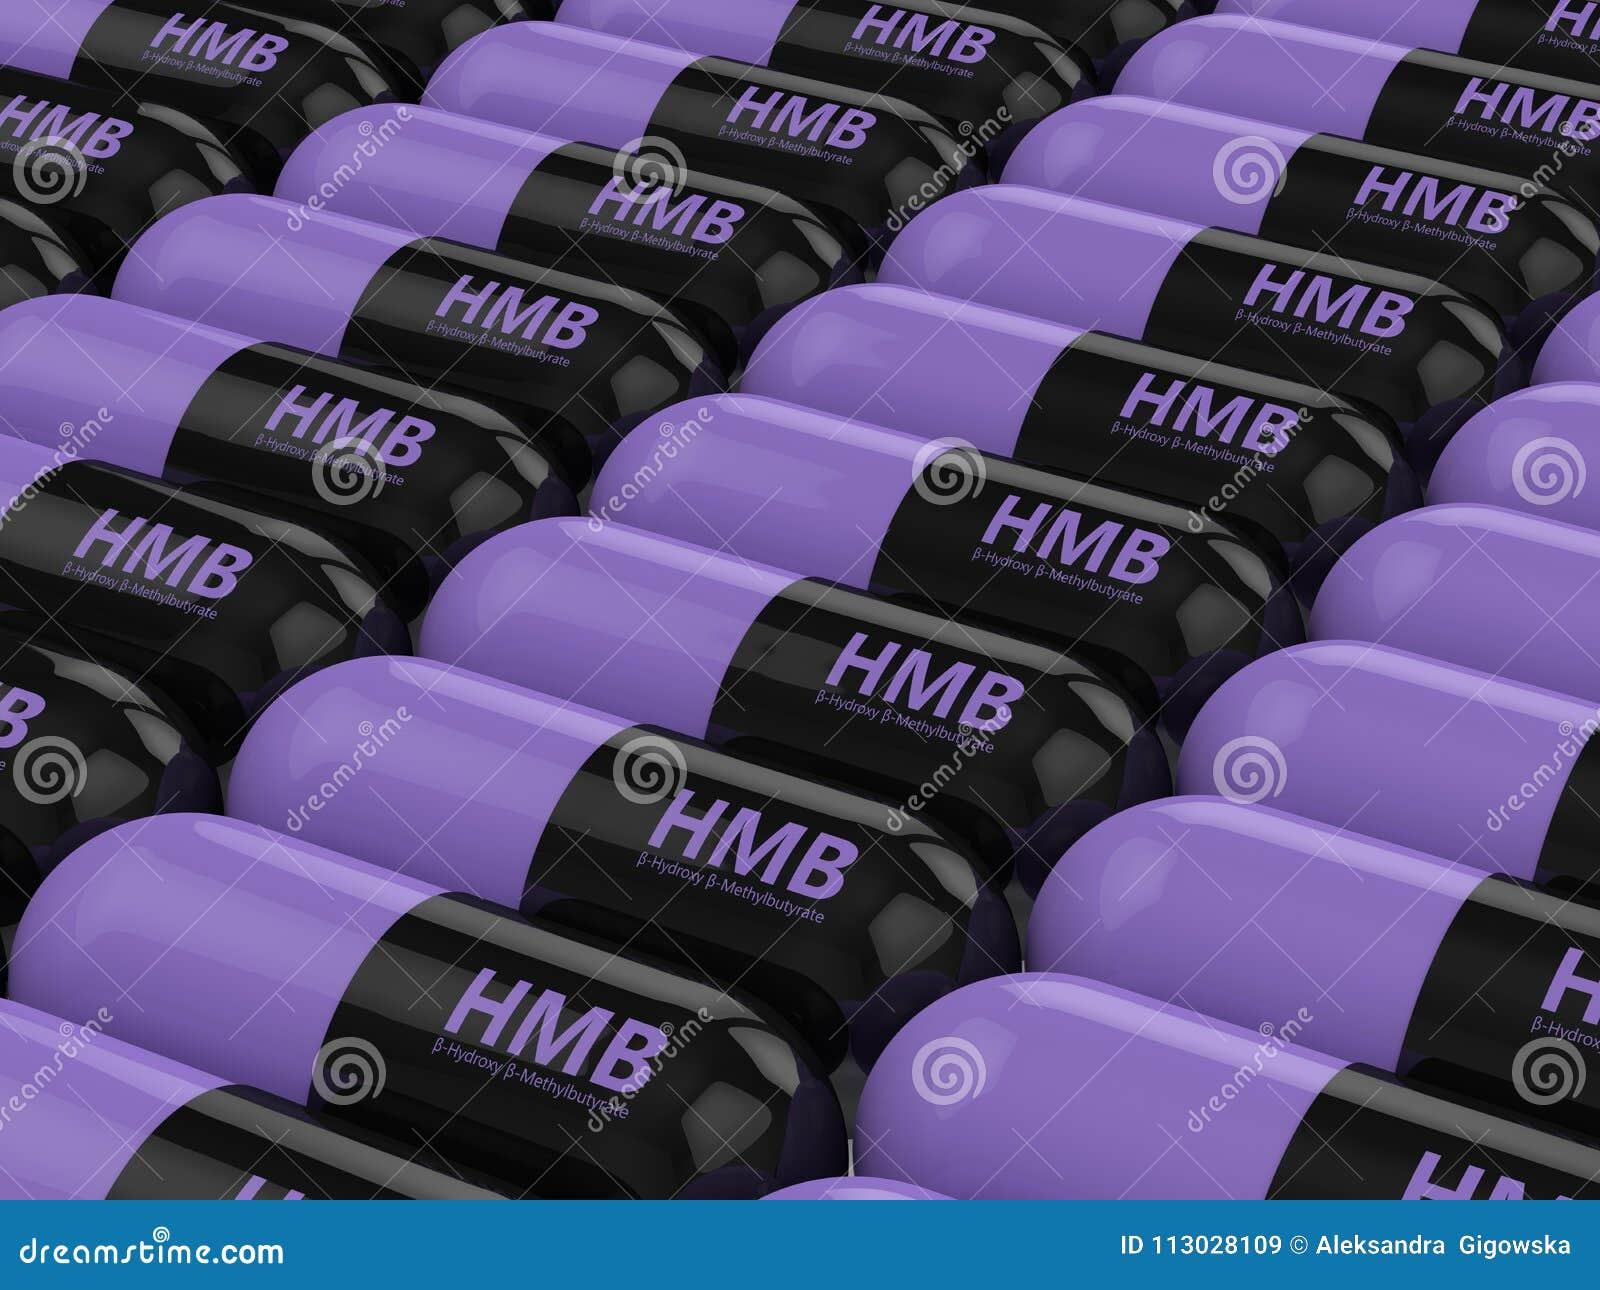 3d rinden de píldoras de HMB en fila